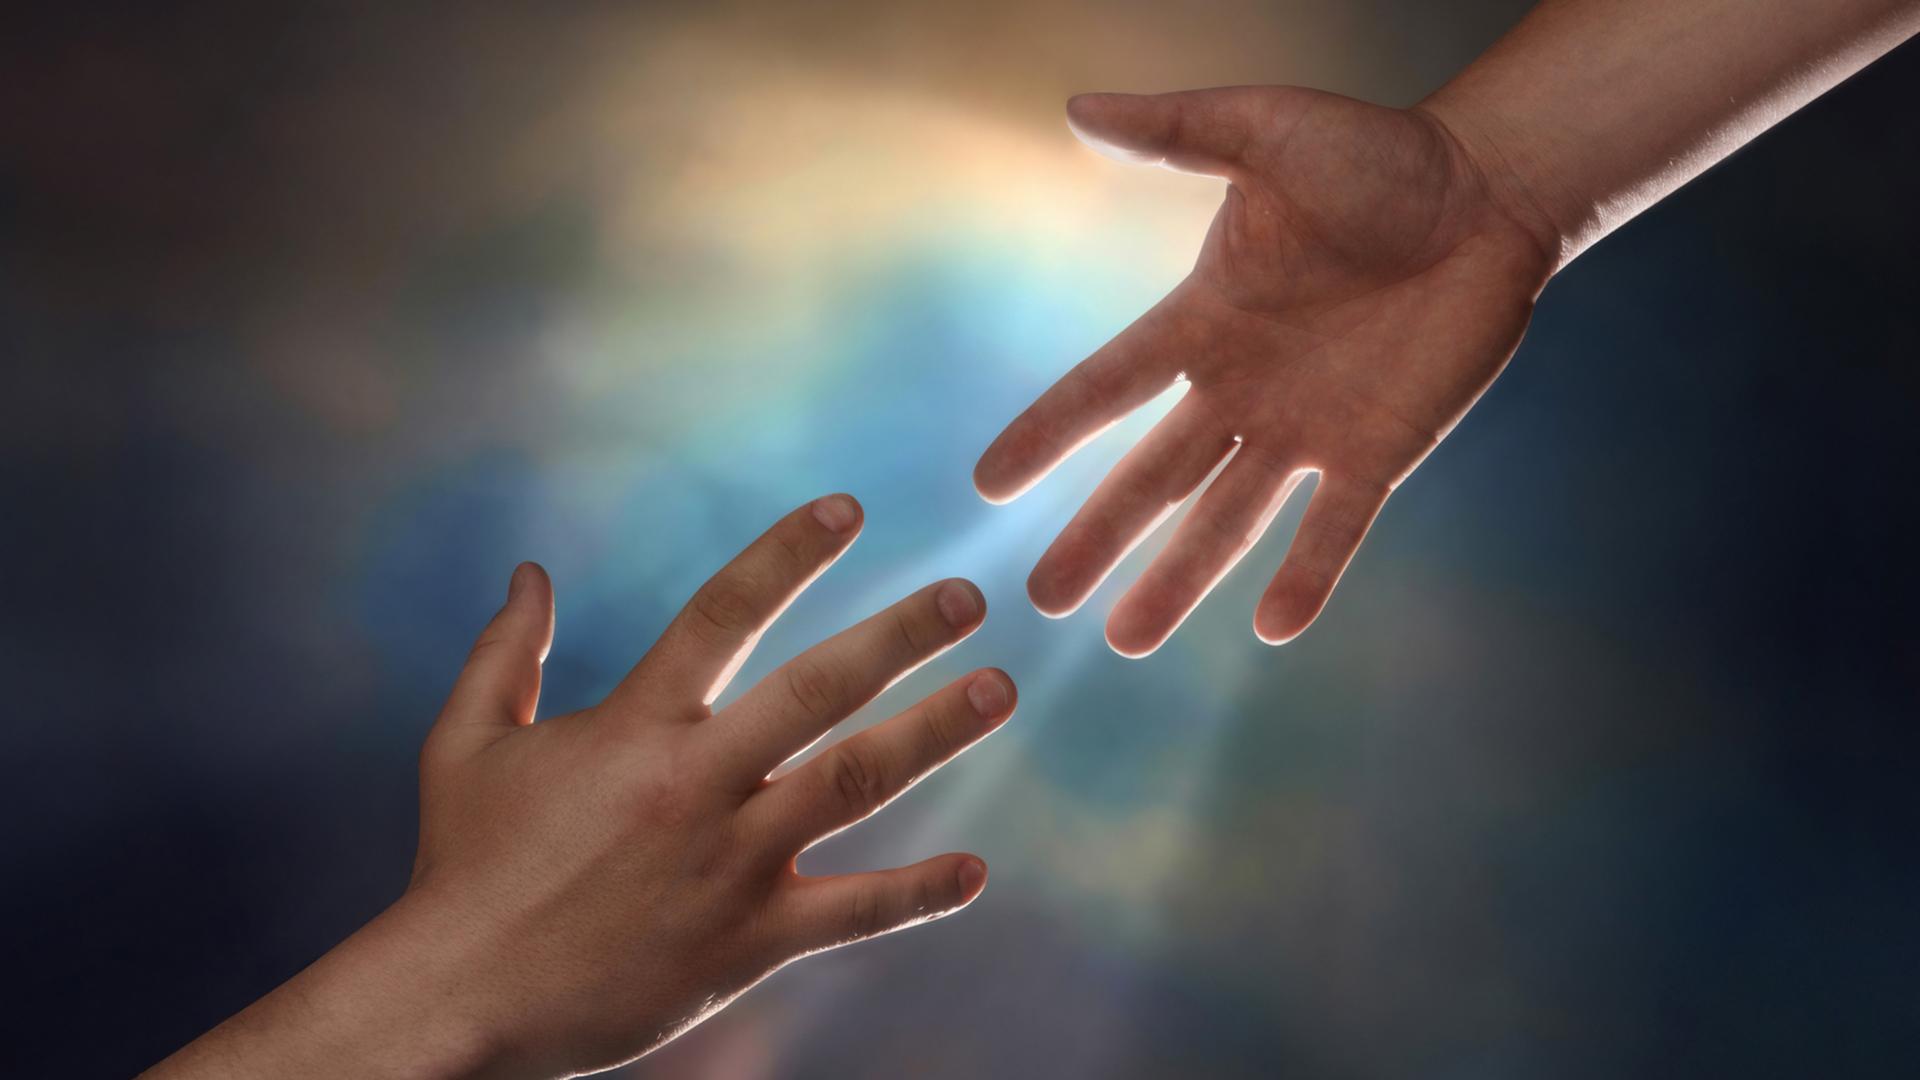 Головне не втратити людяність: 7 правил, як під час карантину «не ізолювати» людей - коронавірус - 20 yzolyatsyya